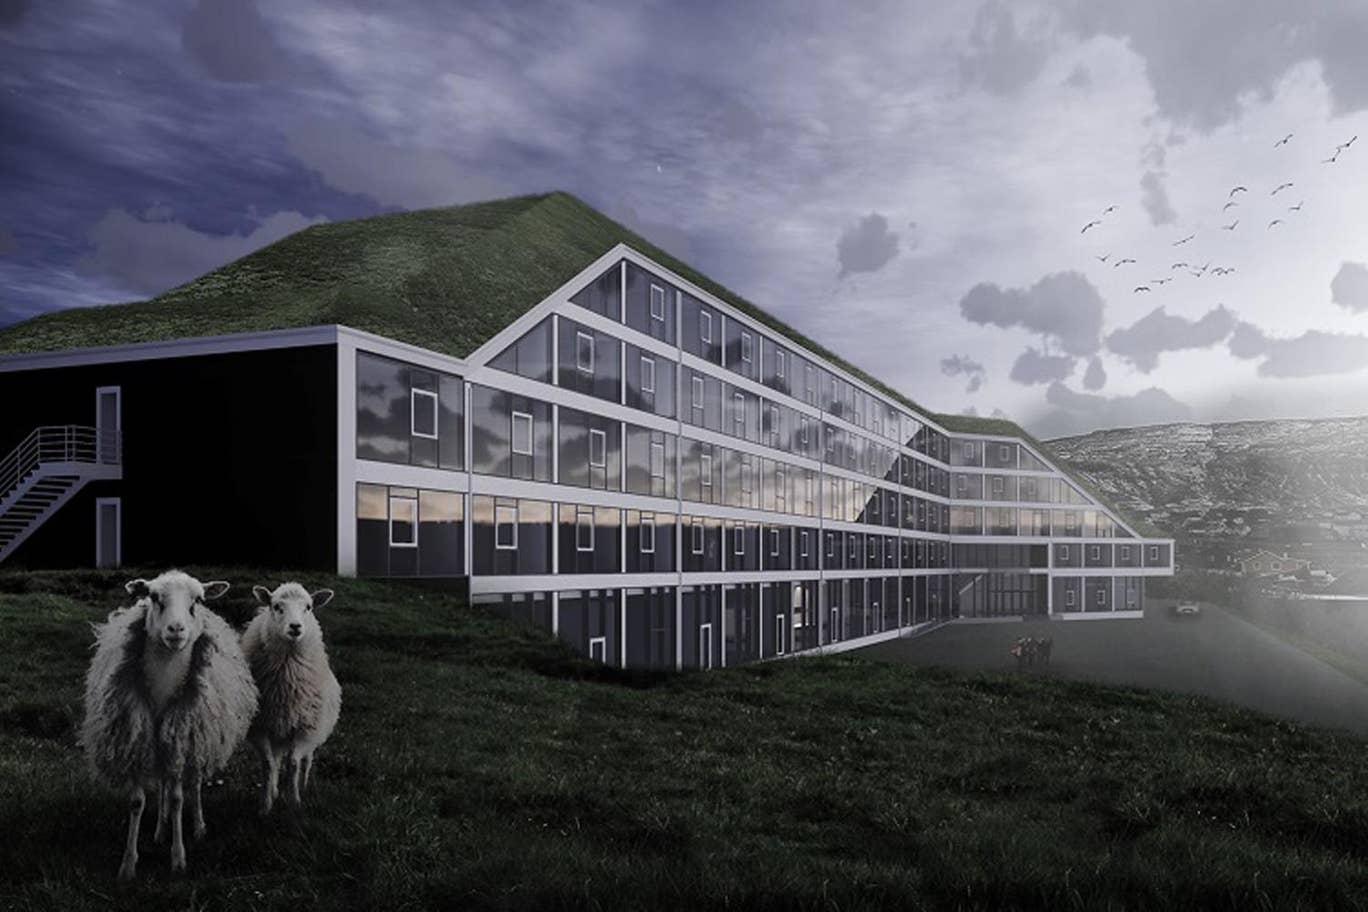 Færøerne får næste år sit første international kædehotel når Hilton Garden Inn åbner tæt på Torshavn med 131 værelser. Illustration: Hilton.